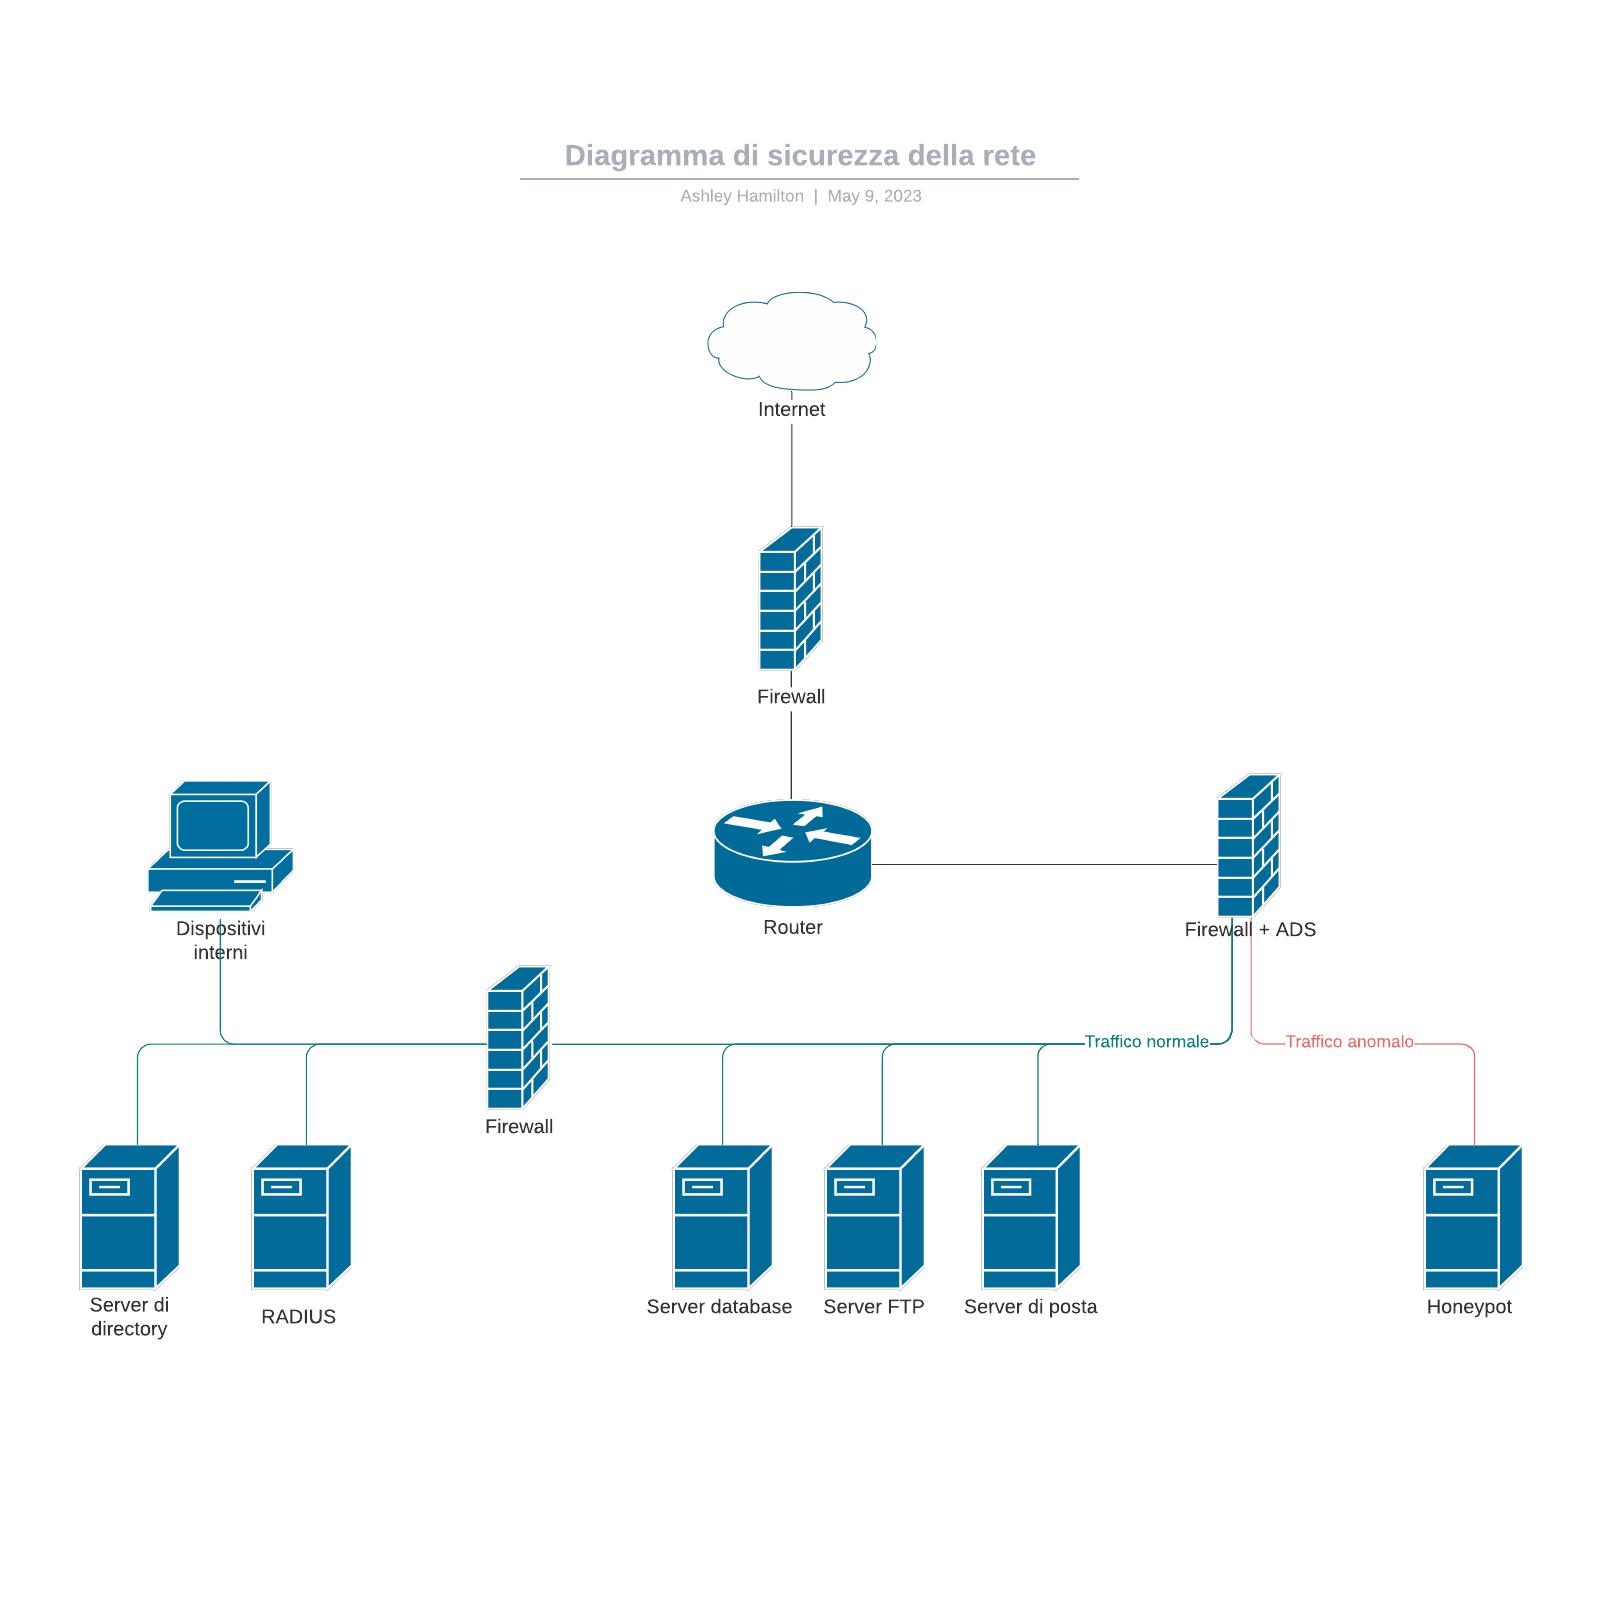 Diagramma di sicurezza della rete